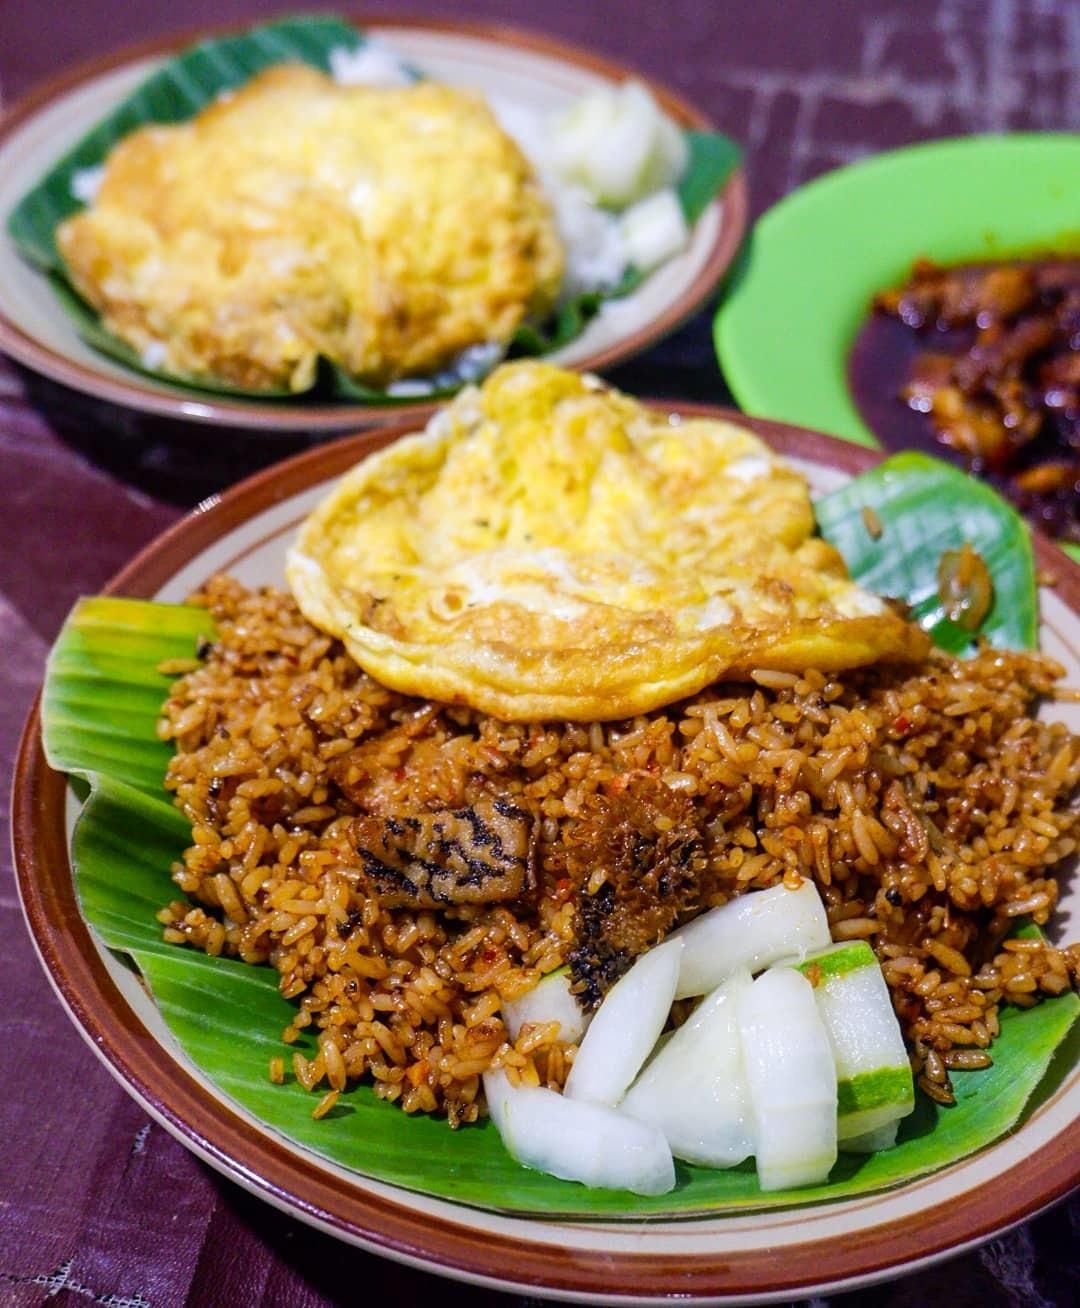 Wisata Kuliner Nasi Goreng Babat Semarang